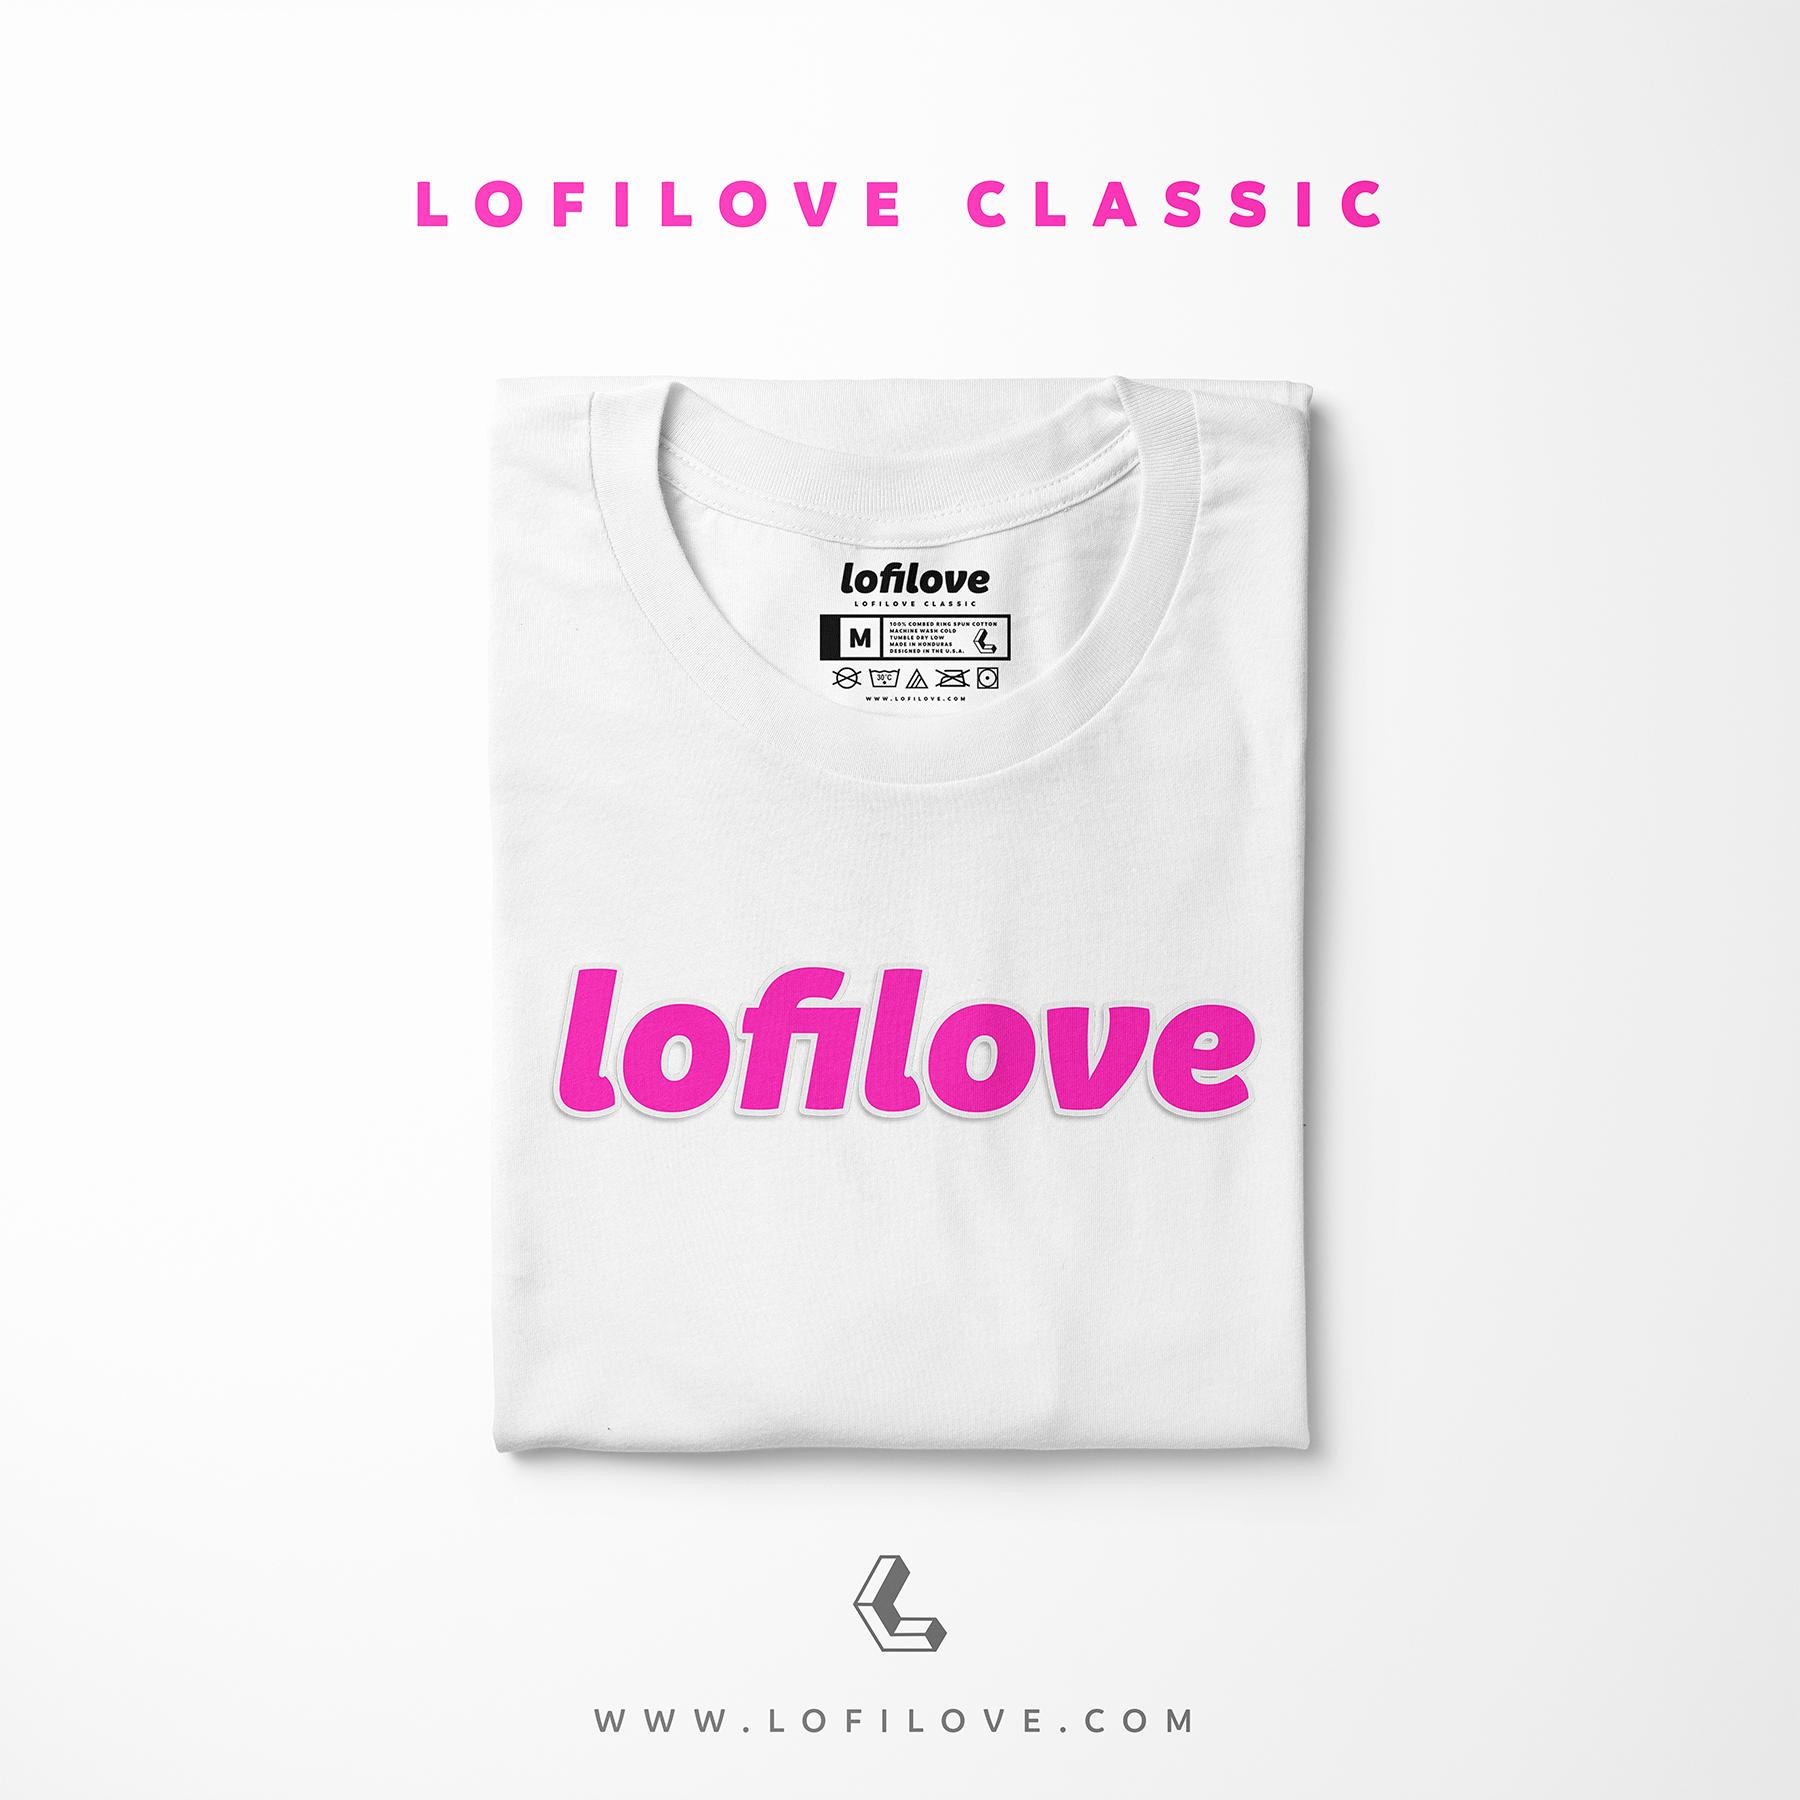 lofilove-lofilove-classic-tee-2